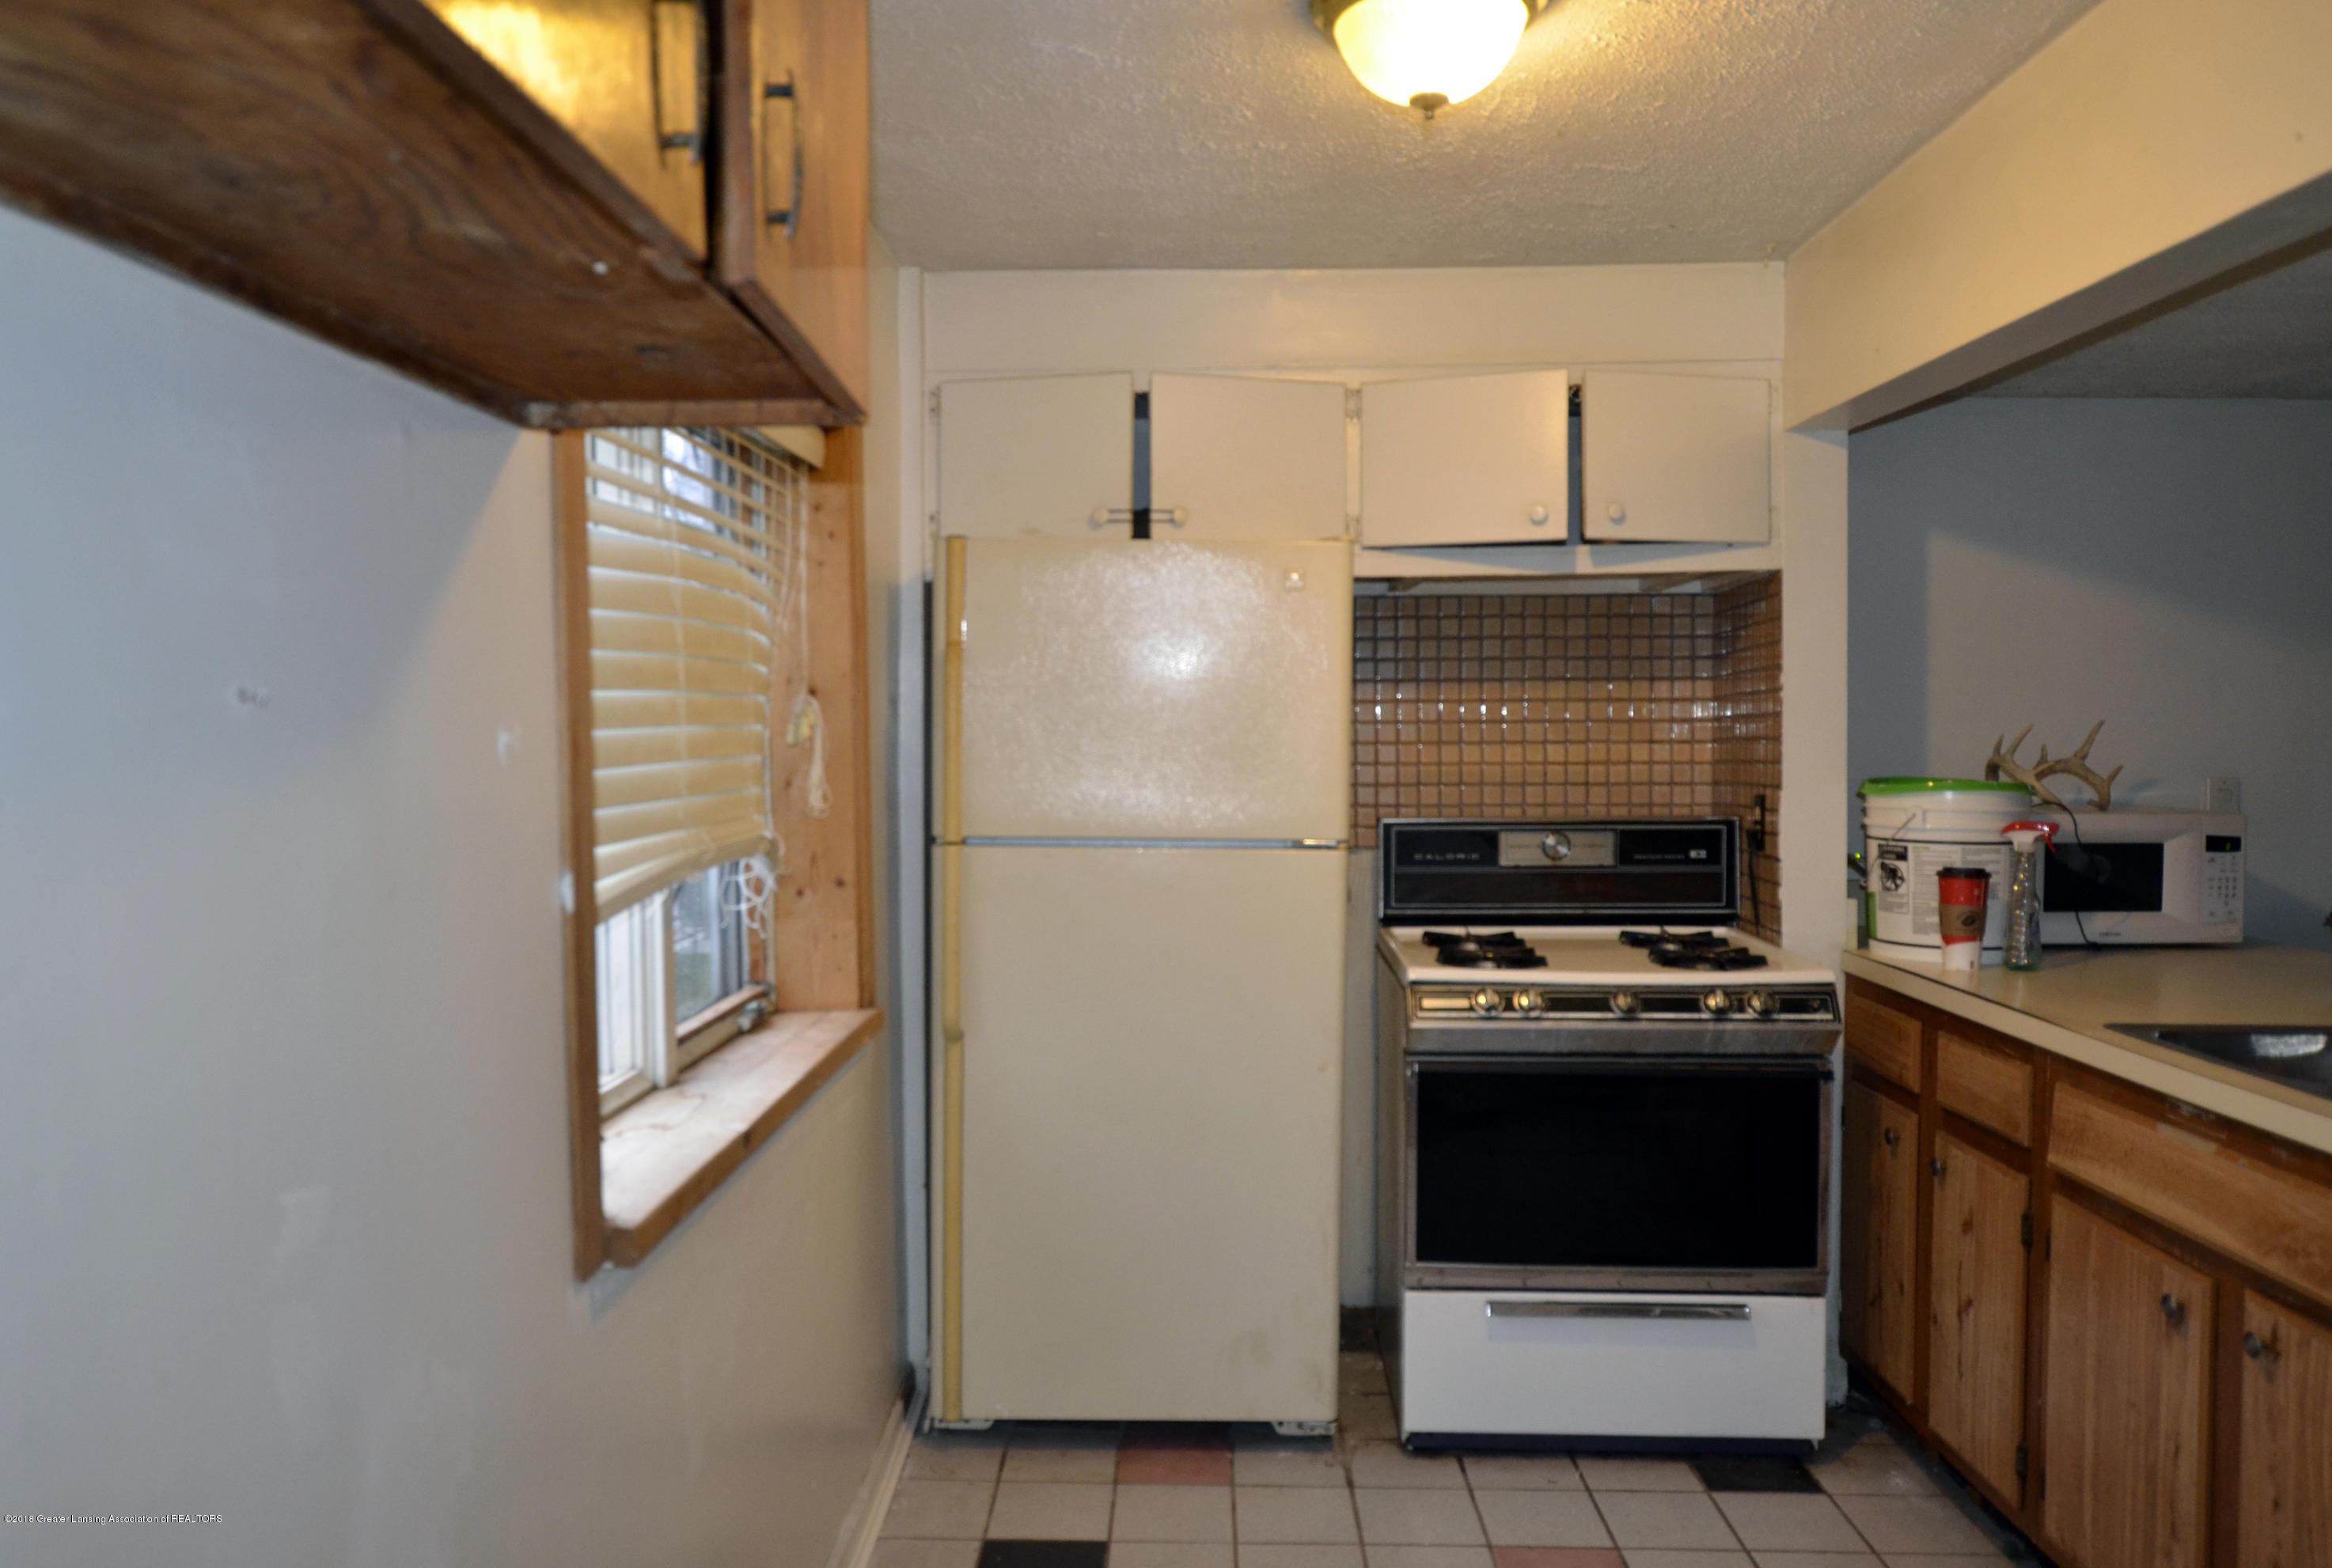 15871 Short St - 15871 Short St kitchen - 8